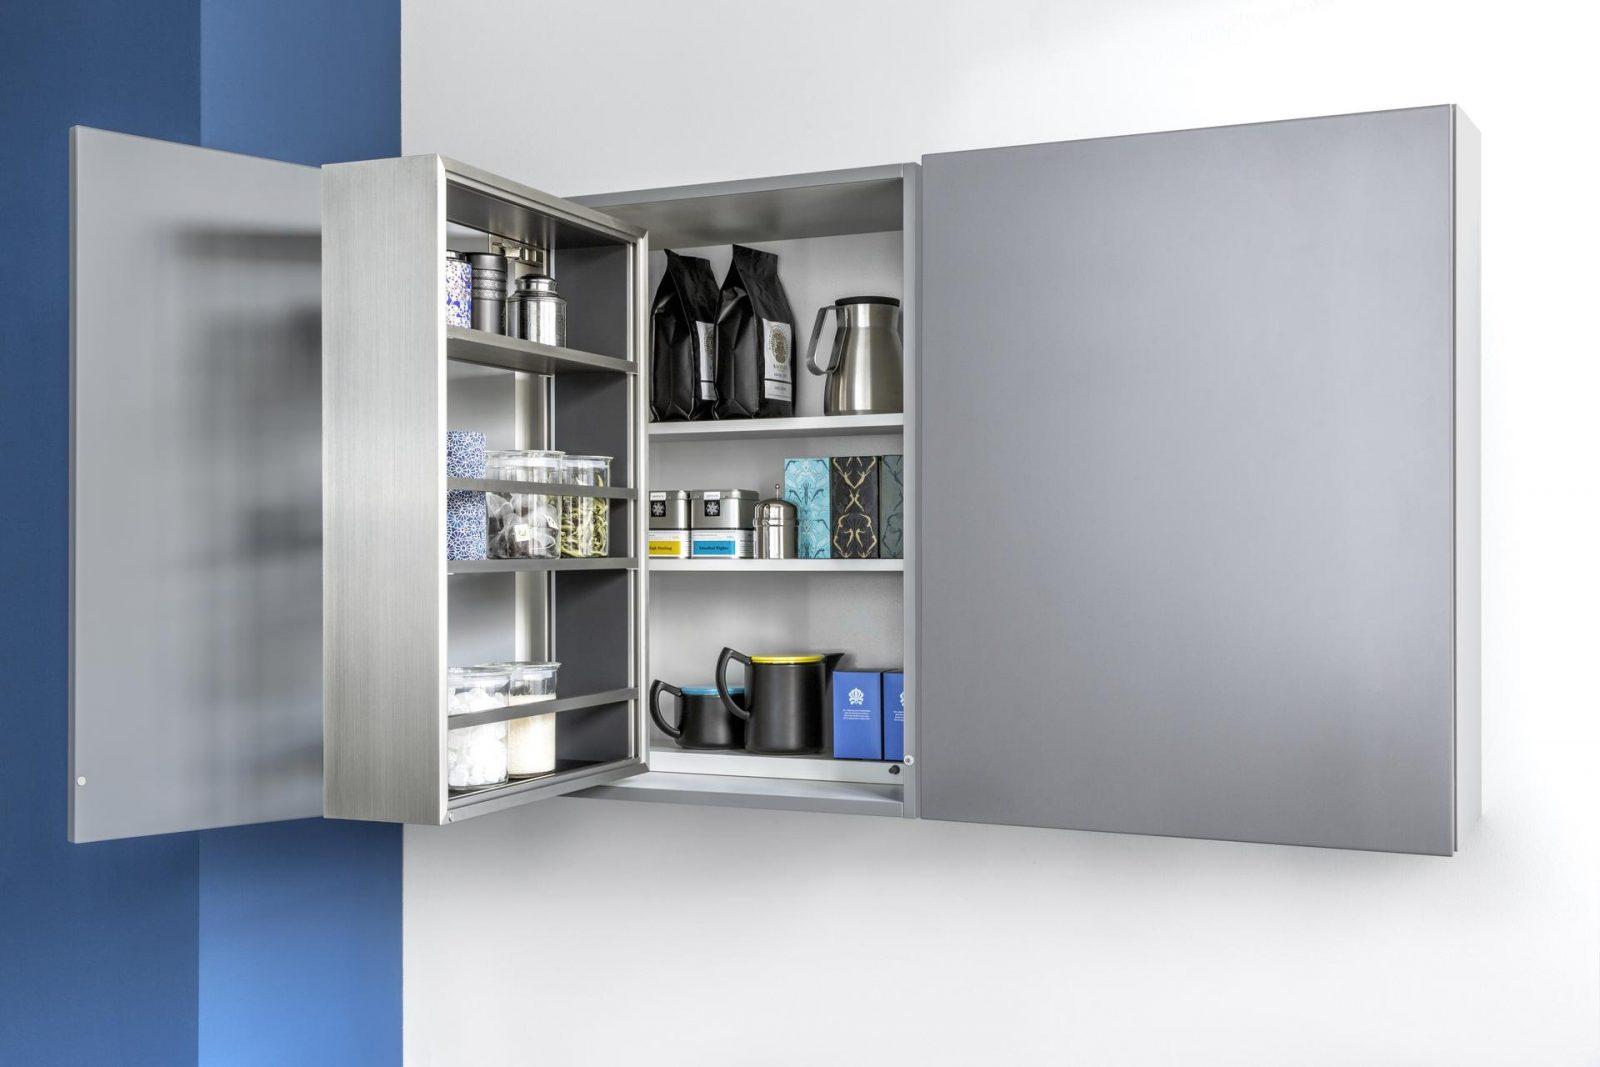 Zelari_cocinas-premium_cocinas-de-lujo-Madrid_arquitectura-de-cocina_proyectos-de-cocina-de-lujo_Kitchen-Design